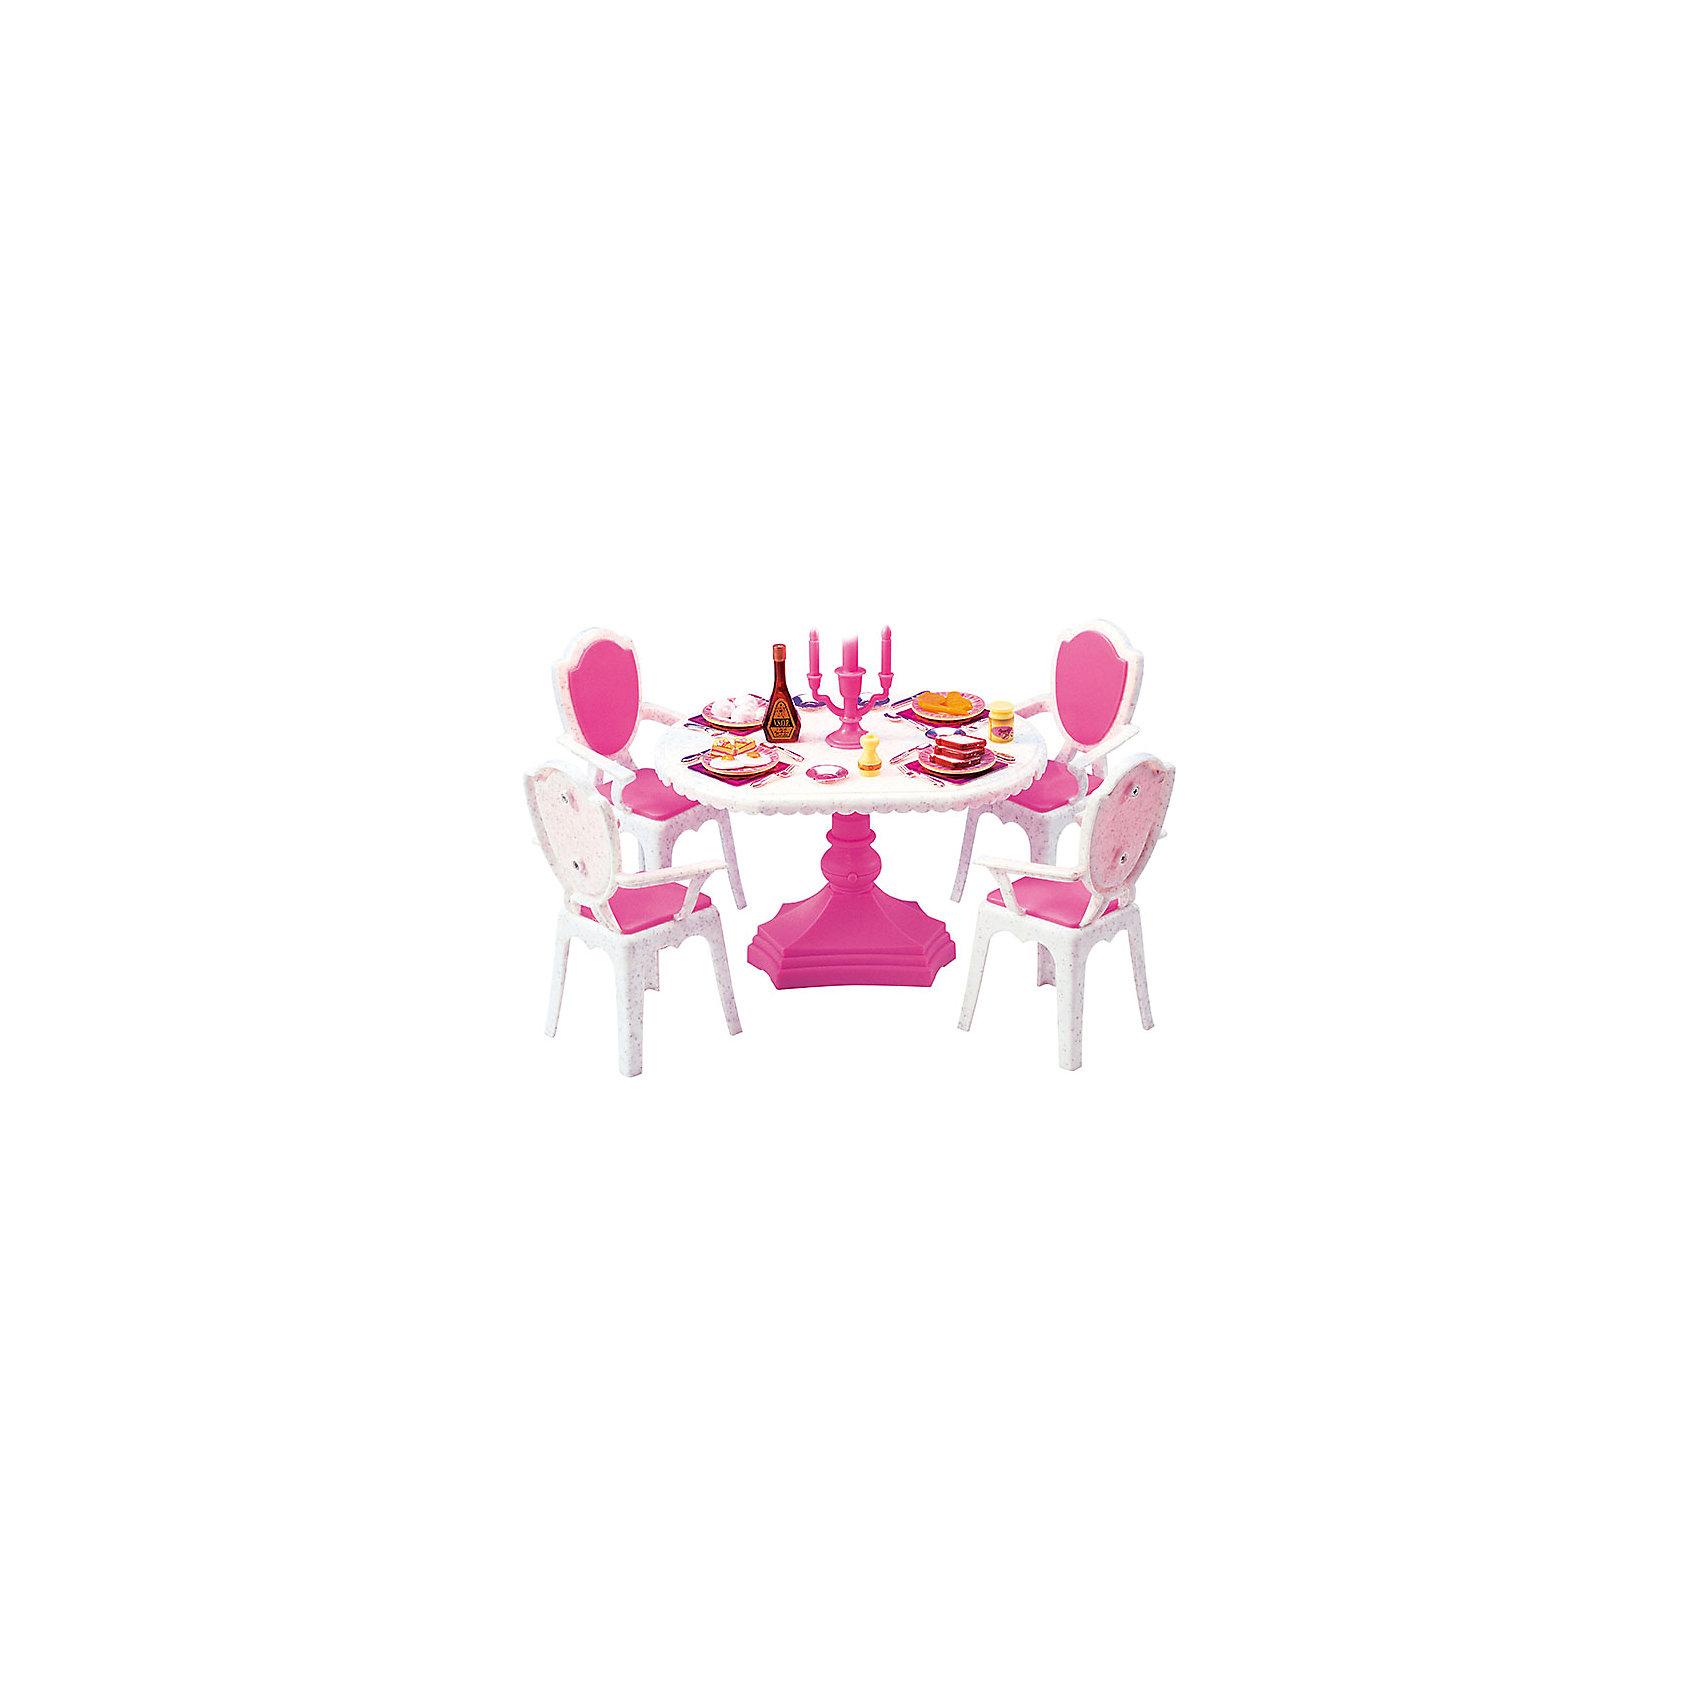 Набор мебели для кукол Обеденный стол, DollyToyКукольная одежда и аксессуары<br>Характеристики товара:<br><br>• возраст от 3 лет;<br>• материал: пластик;<br>• в комплекте: стол, стулья, аксессуары;<br>• красивая подстветка (батарейки в комплекте)<br>• рычажок для включения находится на ножке стола<br>• подходит для кукол высотой до 29 см<br>• размер упаковки 29,5х20,3х8,7 см;<br>• вес упаковки 500 гр.;<br>• страна производитель: Китай.<br><br>Набор мебели для кукол «Обеденный стол» DollyToy представляет собой круглый стол, за которым кукла сможет устроить праздничный обед. С набором девочка сможет придумывать свои сюжеты и истории для игры, проявляя фантазию. Игрушка изготовлена из качественного безопасного пластика.<br><br>Набор мебели для кукол «Обеденный стол» DollyToy можно приобрести в нашем интернет-магазине.<br><br>Ширина мм: 295<br>Глубина мм: 203<br>Высота мм: 87<br>Вес г: 500<br>Возраст от месяцев: 36<br>Возраст до месяцев: 72<br>Пол: Женский<br>Возраст: Детский<br>SKU: 5581274